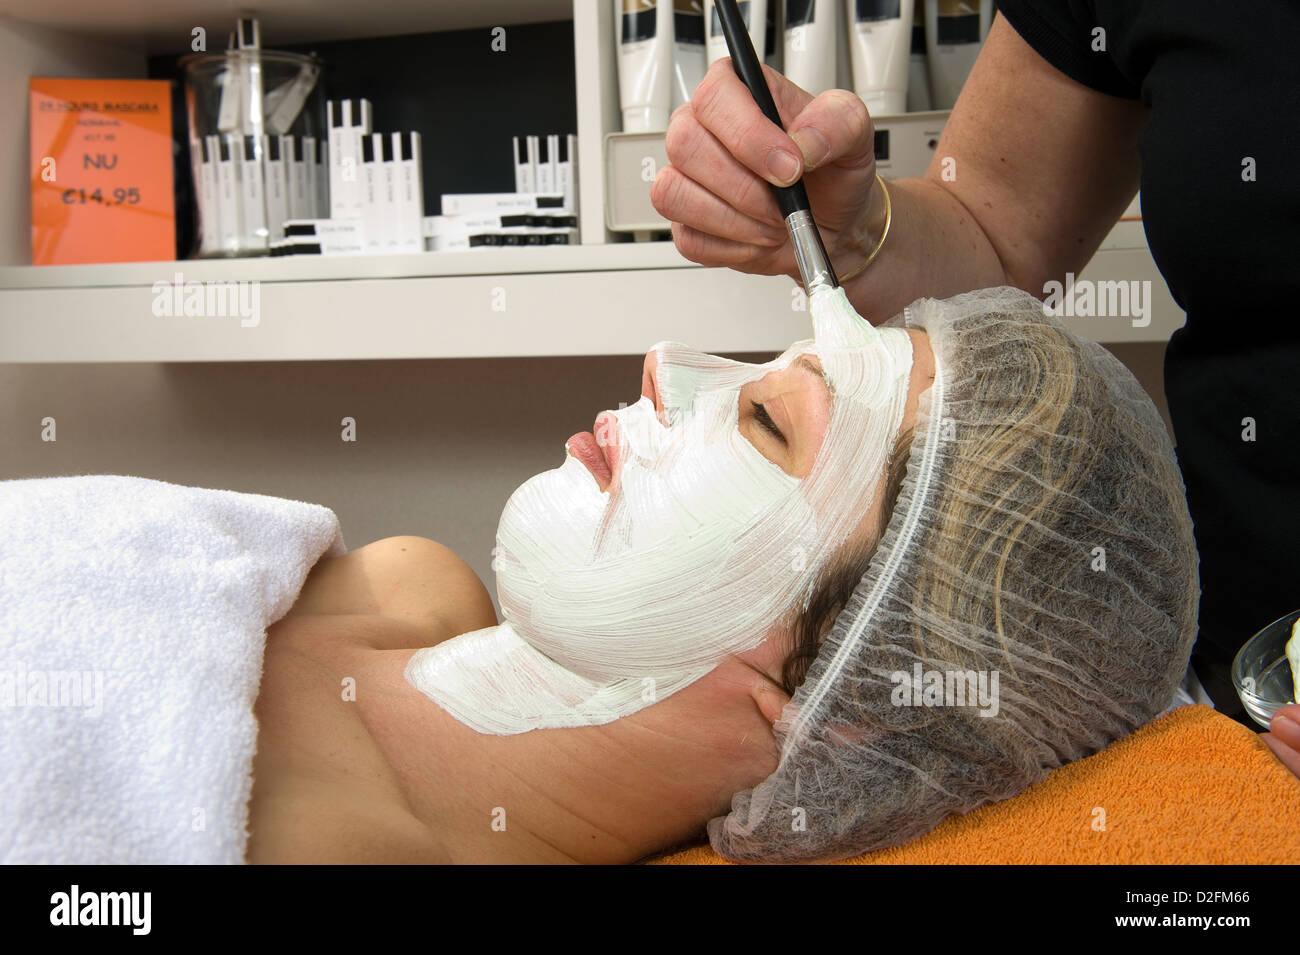 Una donna è giacente in un salone di bellezza e di ottenere una maschera per il viso sul suo viso con una spazzola Immagini Stock